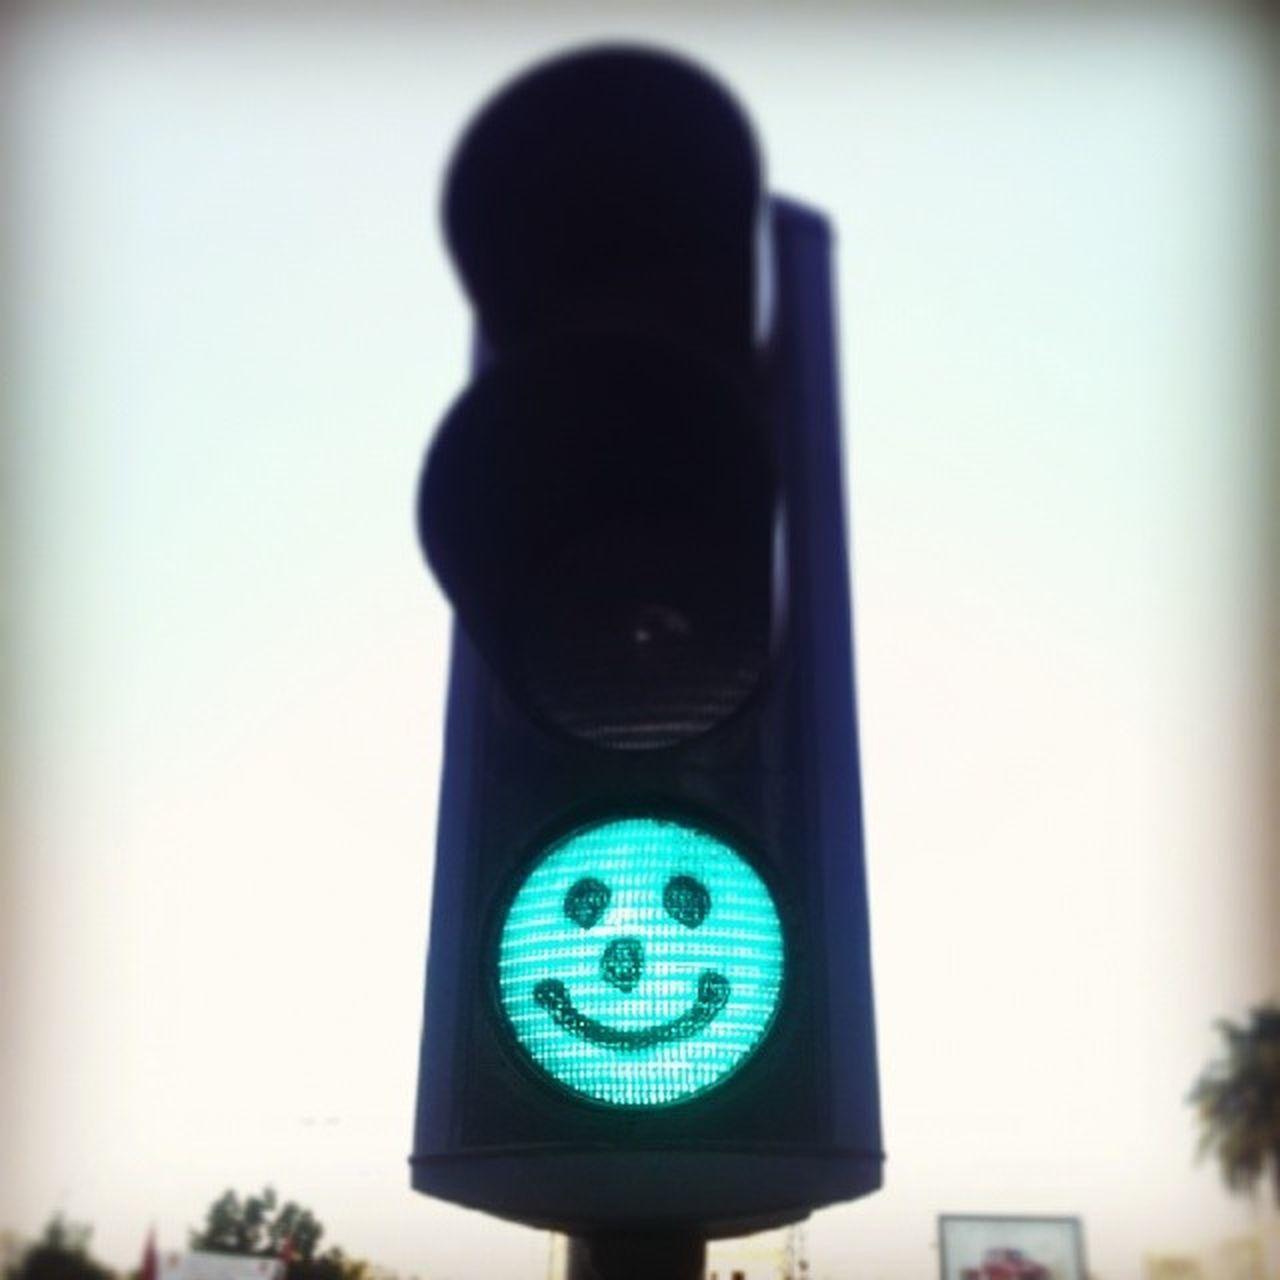 Smiletillyoudie